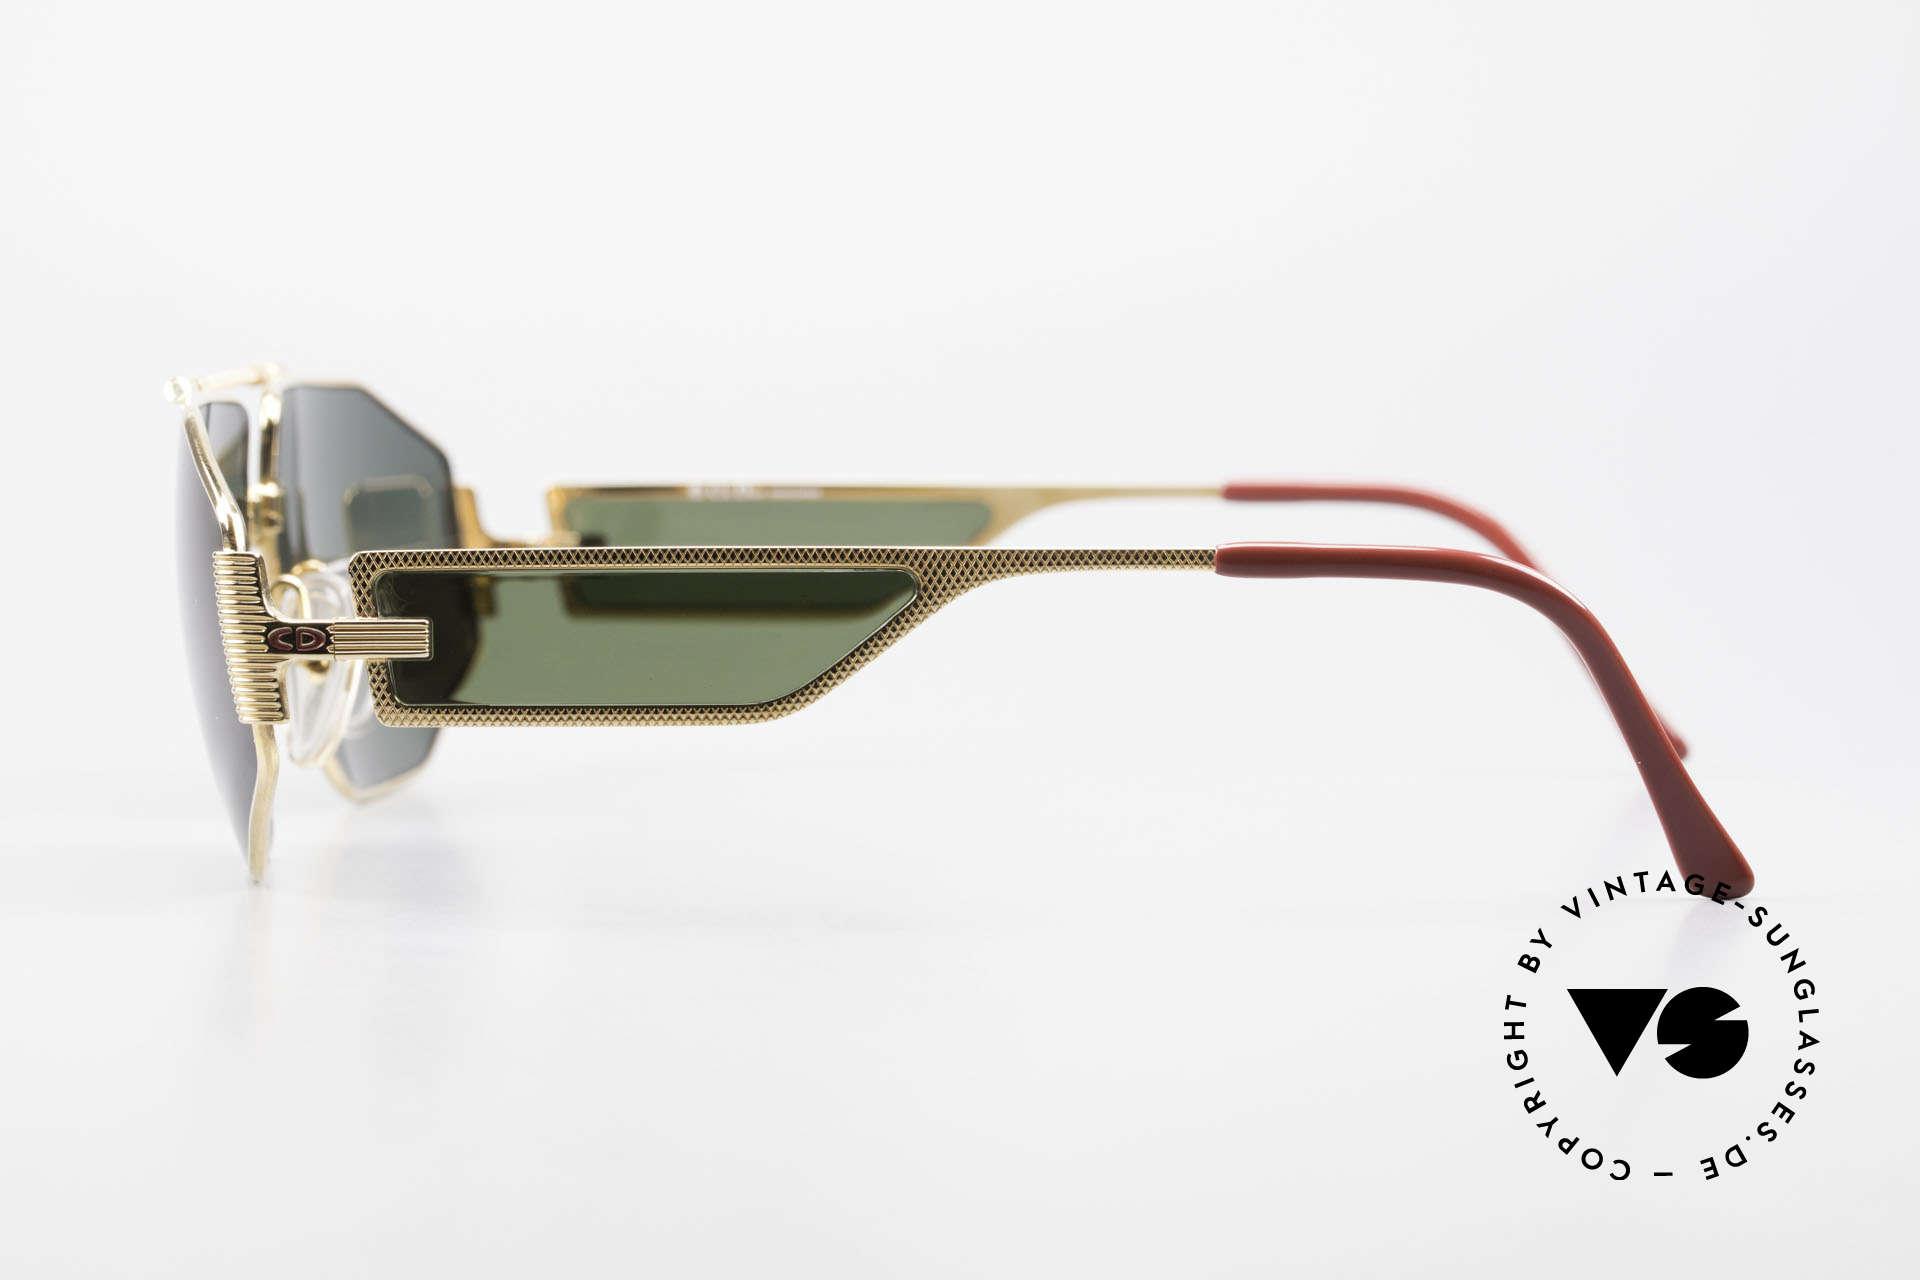 Christian Dior 2427 Dior Monsieur 80's Sunglasses, ORIGINAL 80´s designer sunglasses (NO RETRO fashion), Made for Men